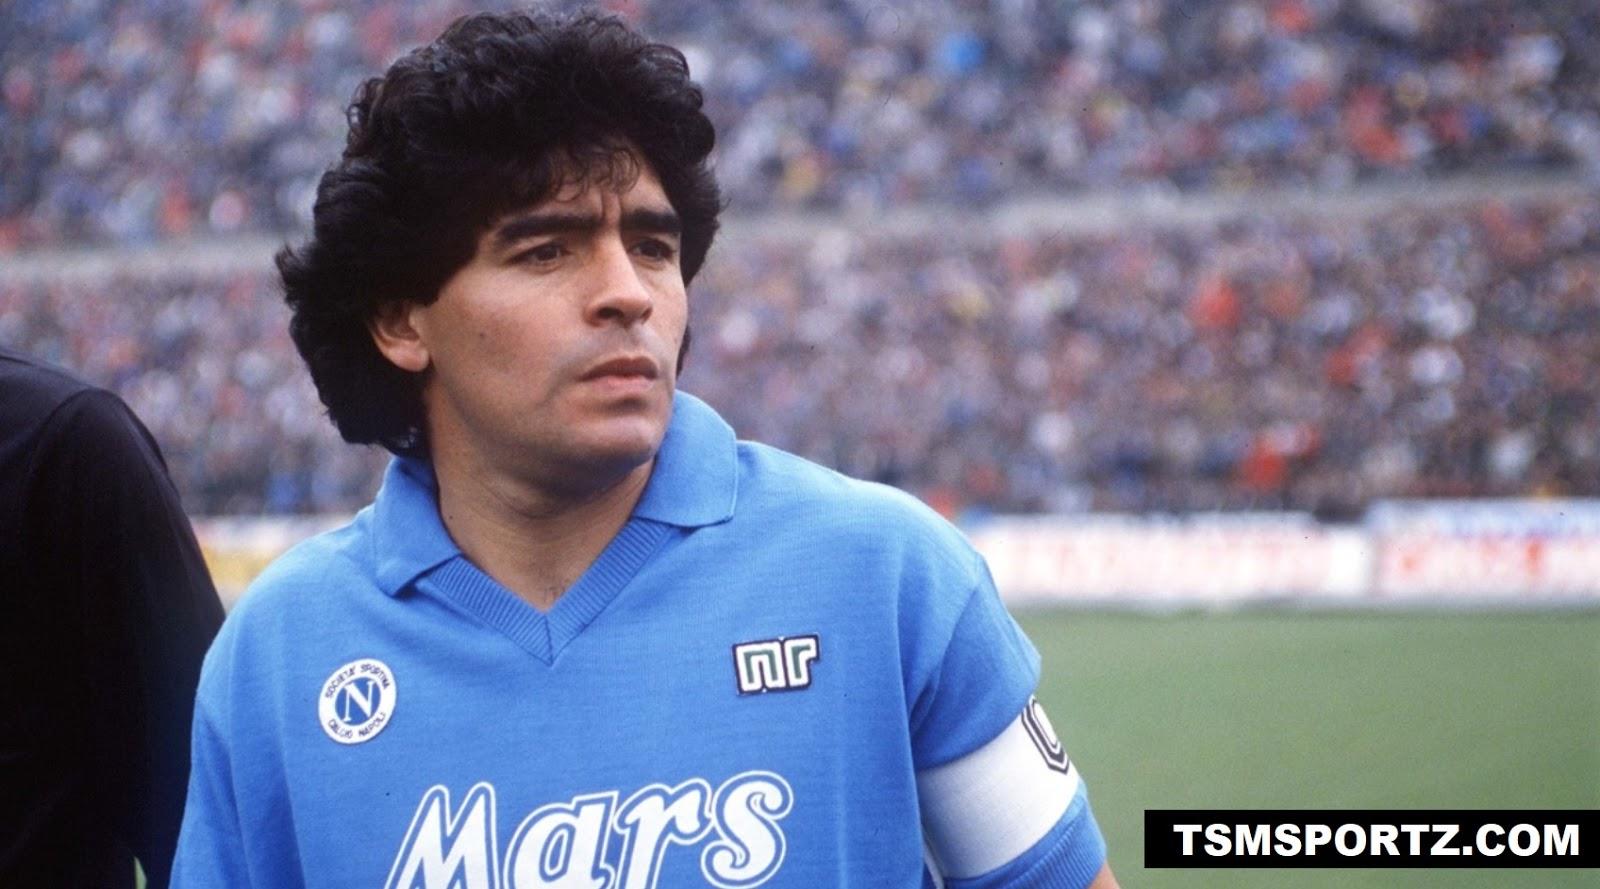 Maradona face 15 month longest ban due to drug test fail